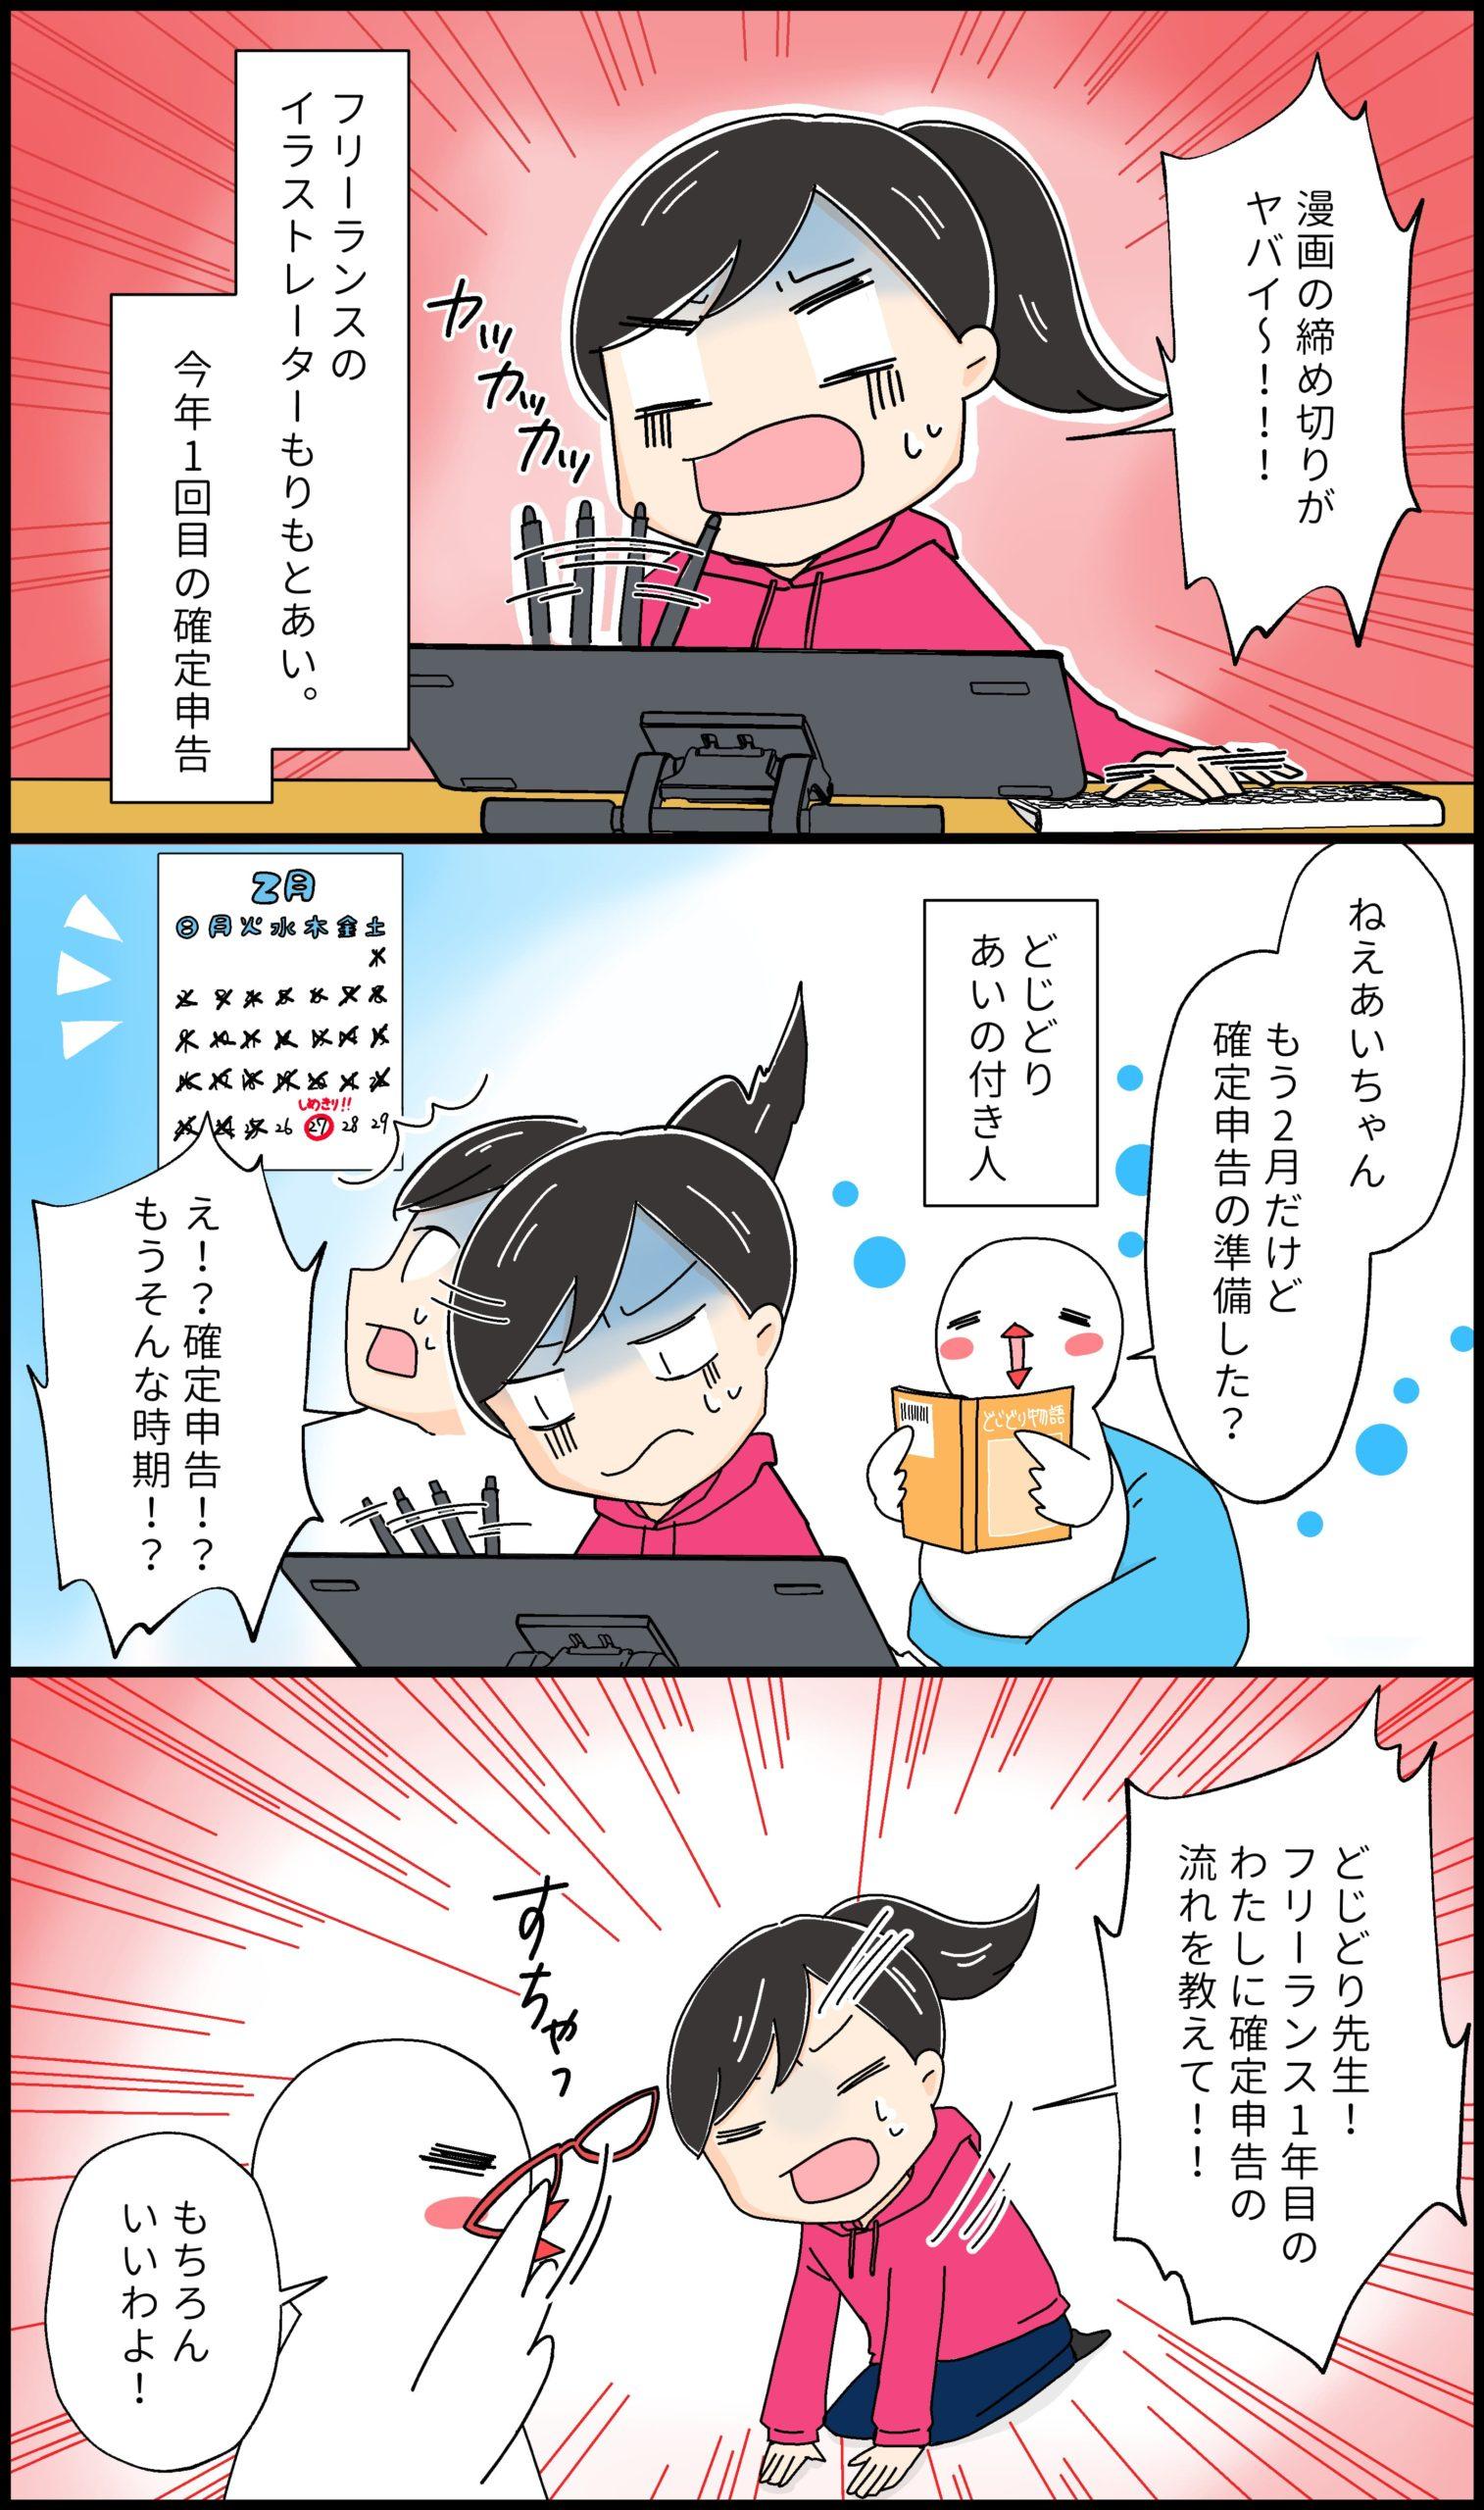 【お仕事】ゆずうさぎ様 YouTube用動画漫画